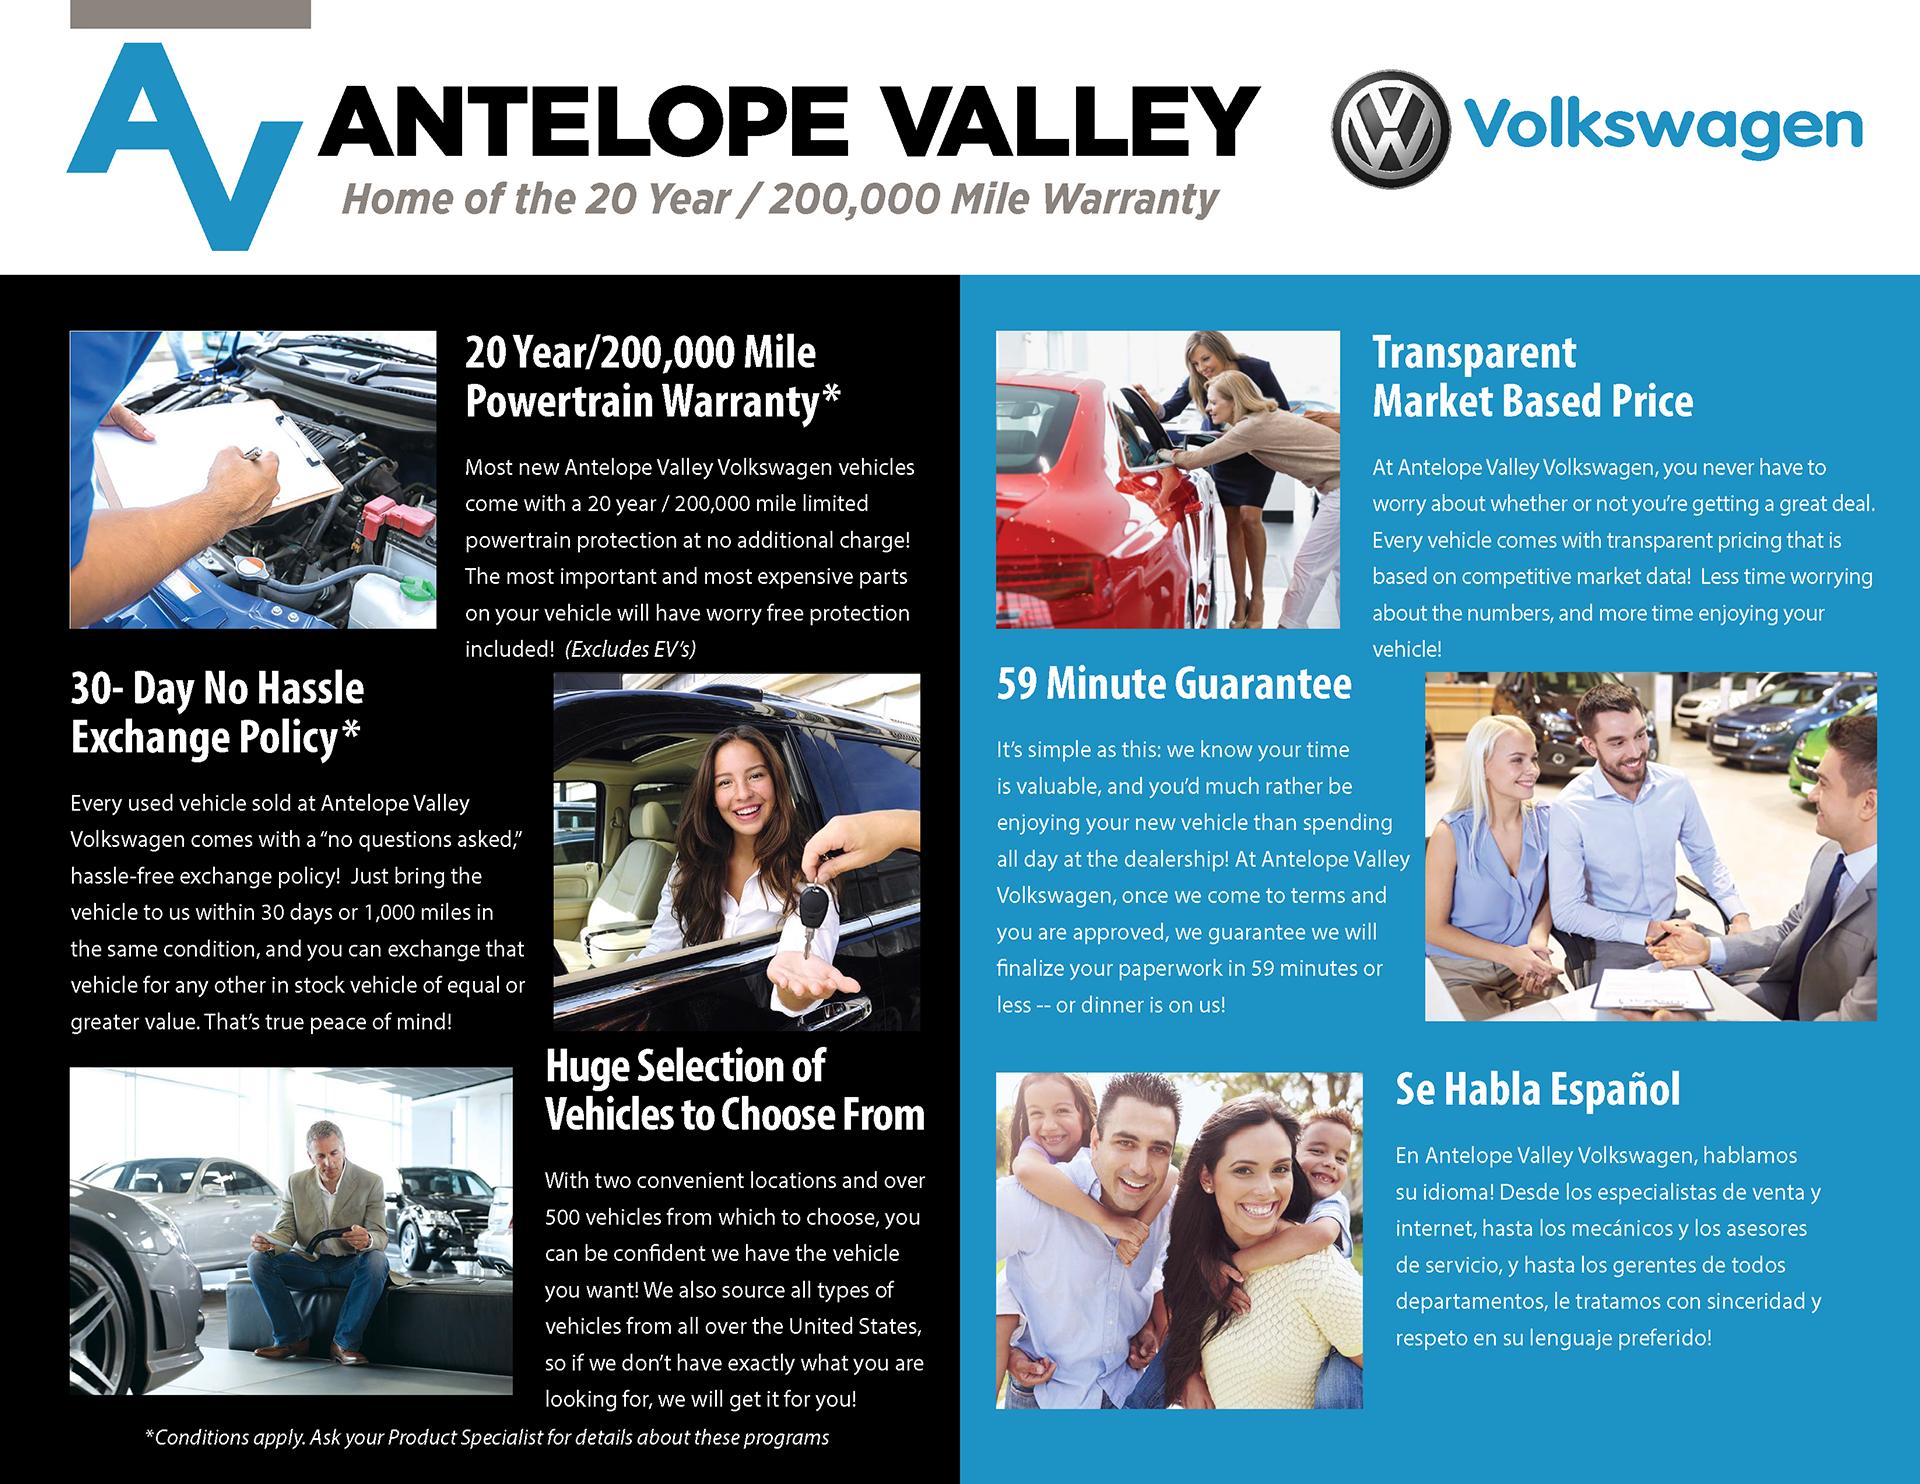 why buy from antelope valley volkswagen antelope valley volkswagen why buy from antelope valley volkswagen